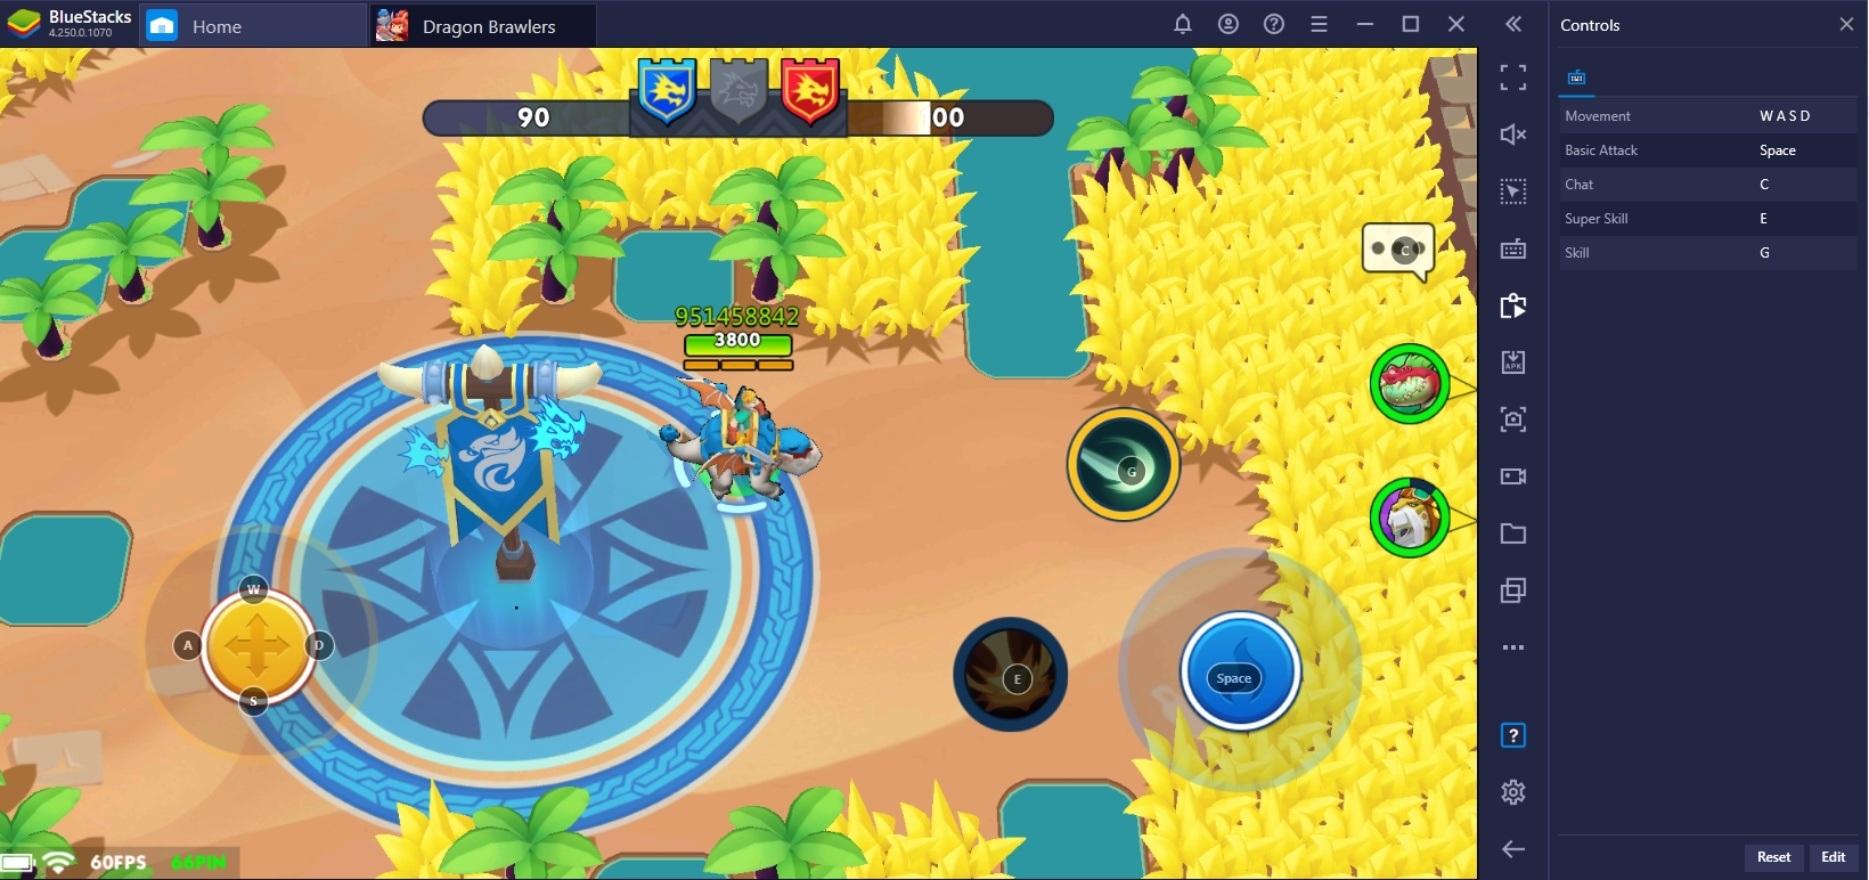 Руководство по настройке BlueStacks для Dragon Brawlers